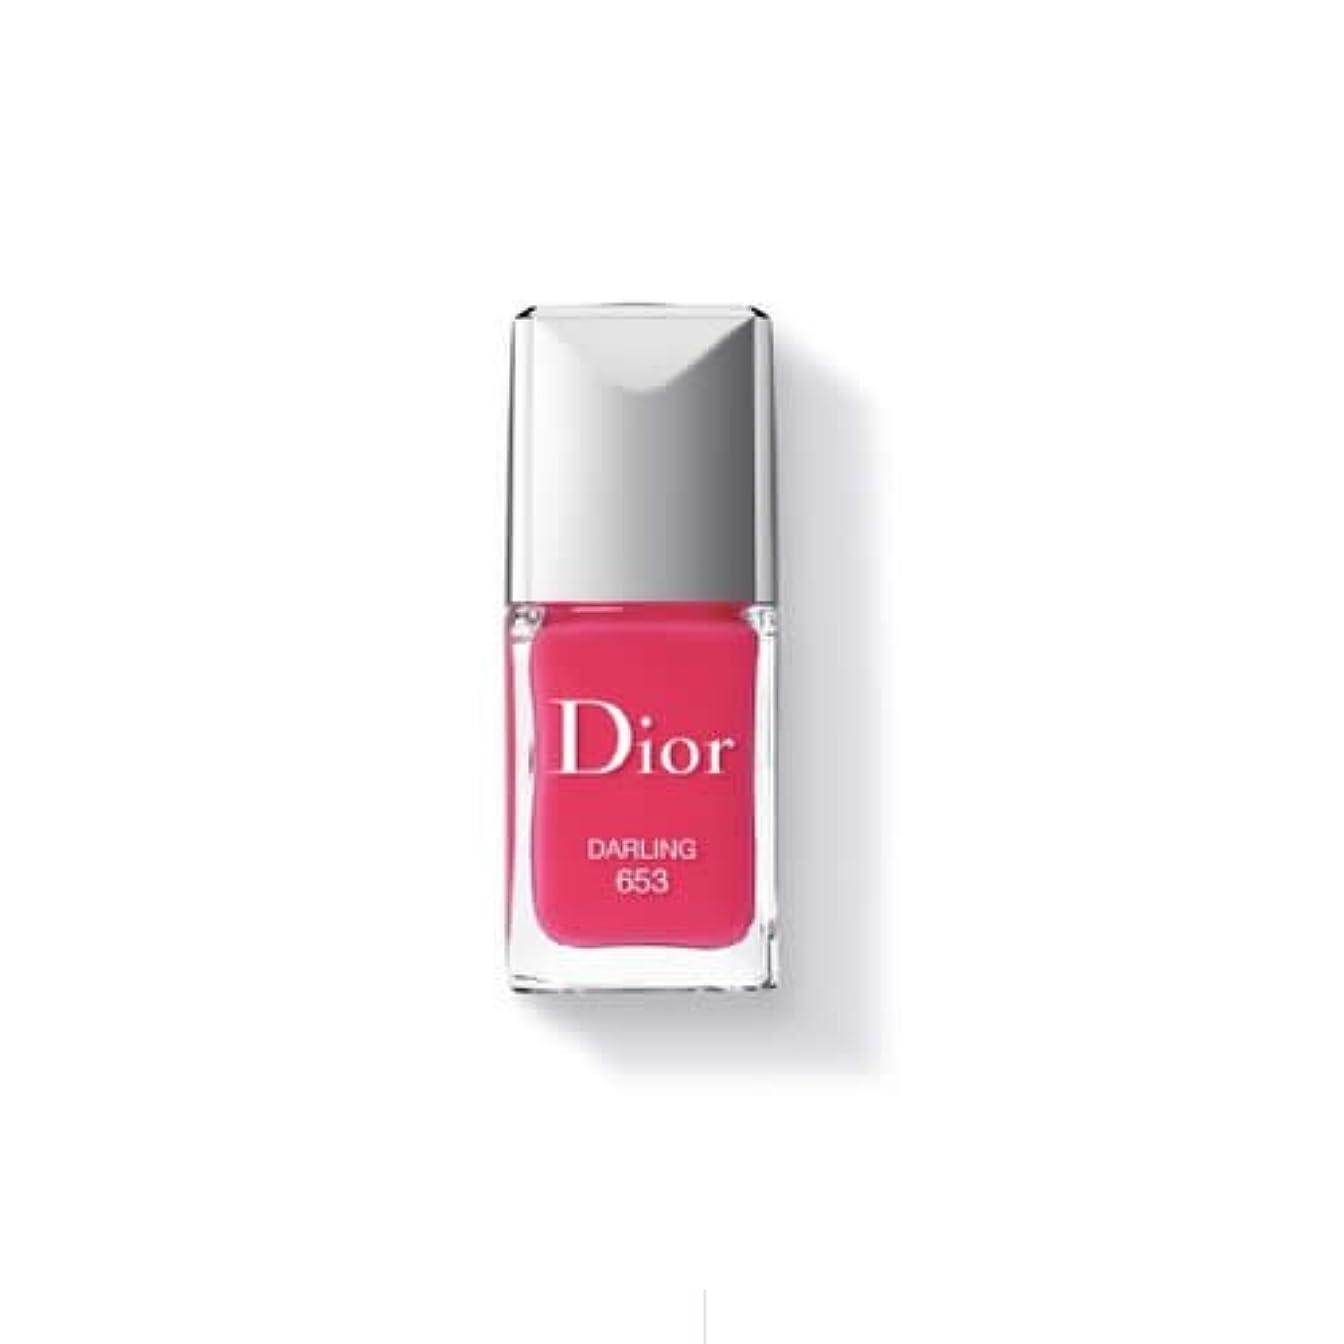 疑問に思う野心的ぼかしディオール ヴェルニ #653 ダーリン 10ml クリスチャン ディオール Christian Dior 訳あり